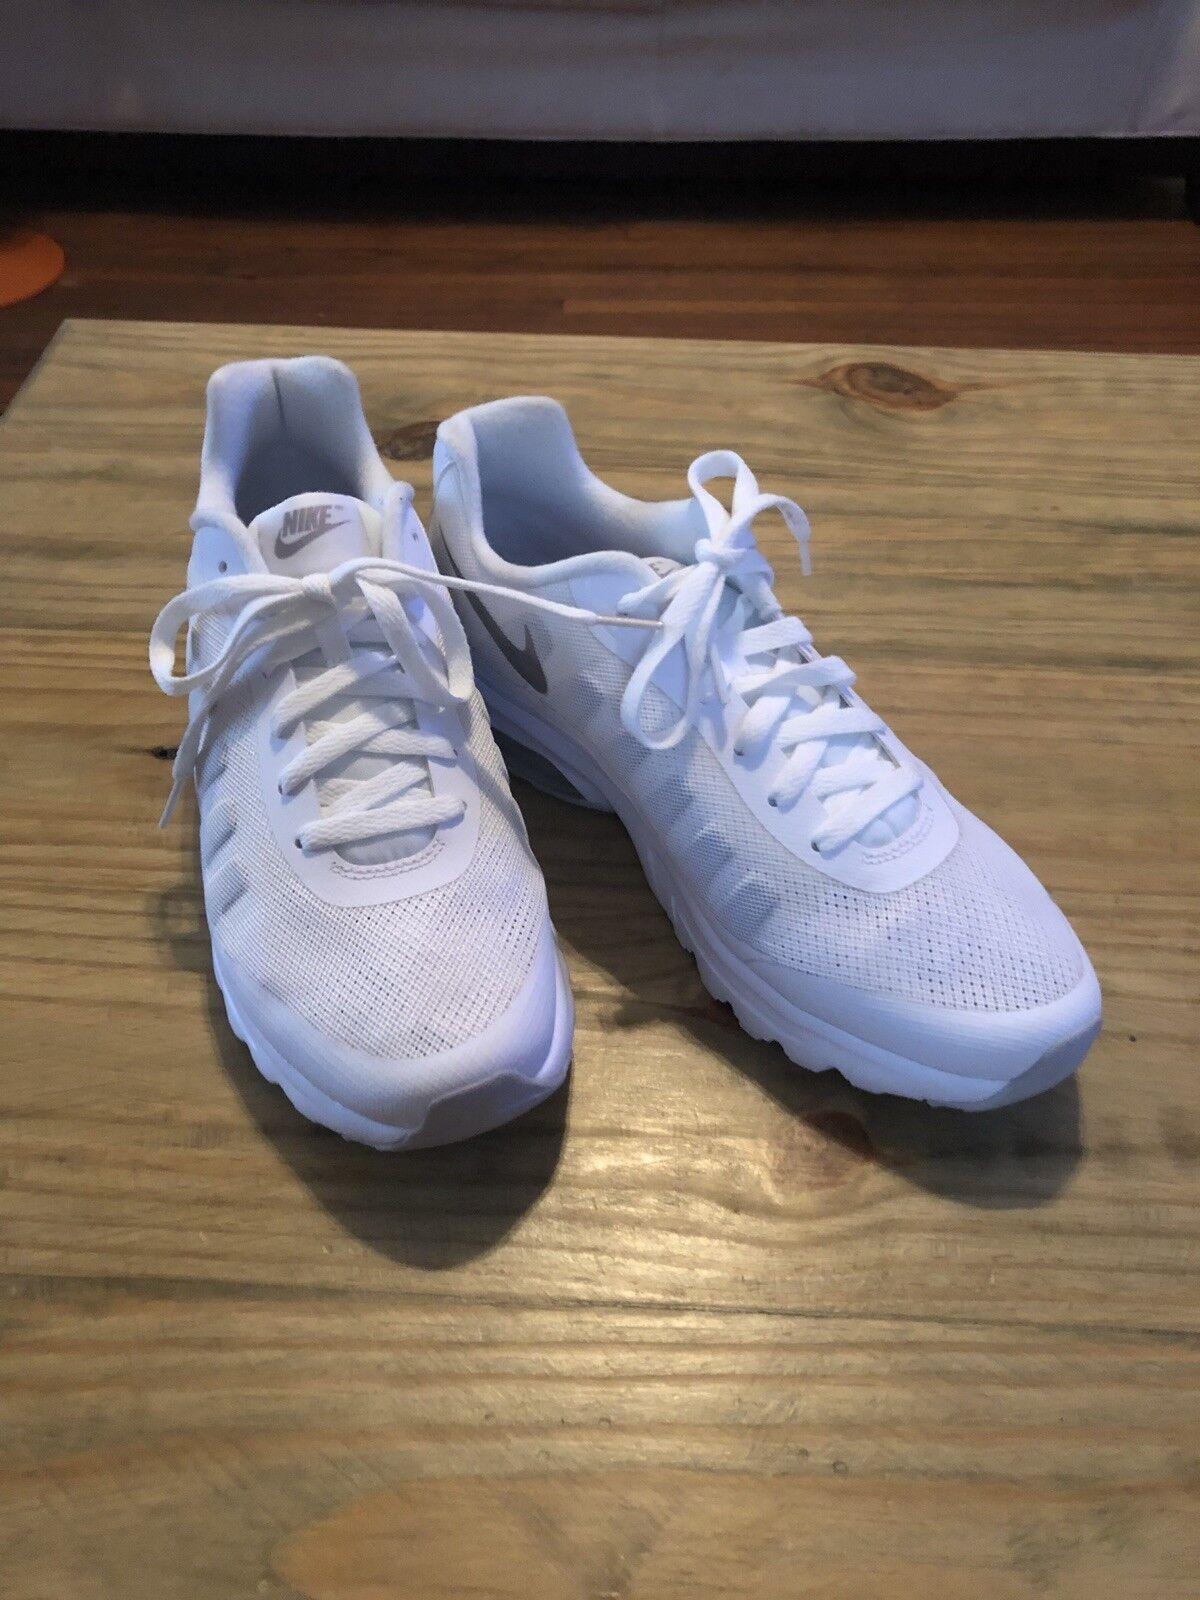 skor av Nike Air herr